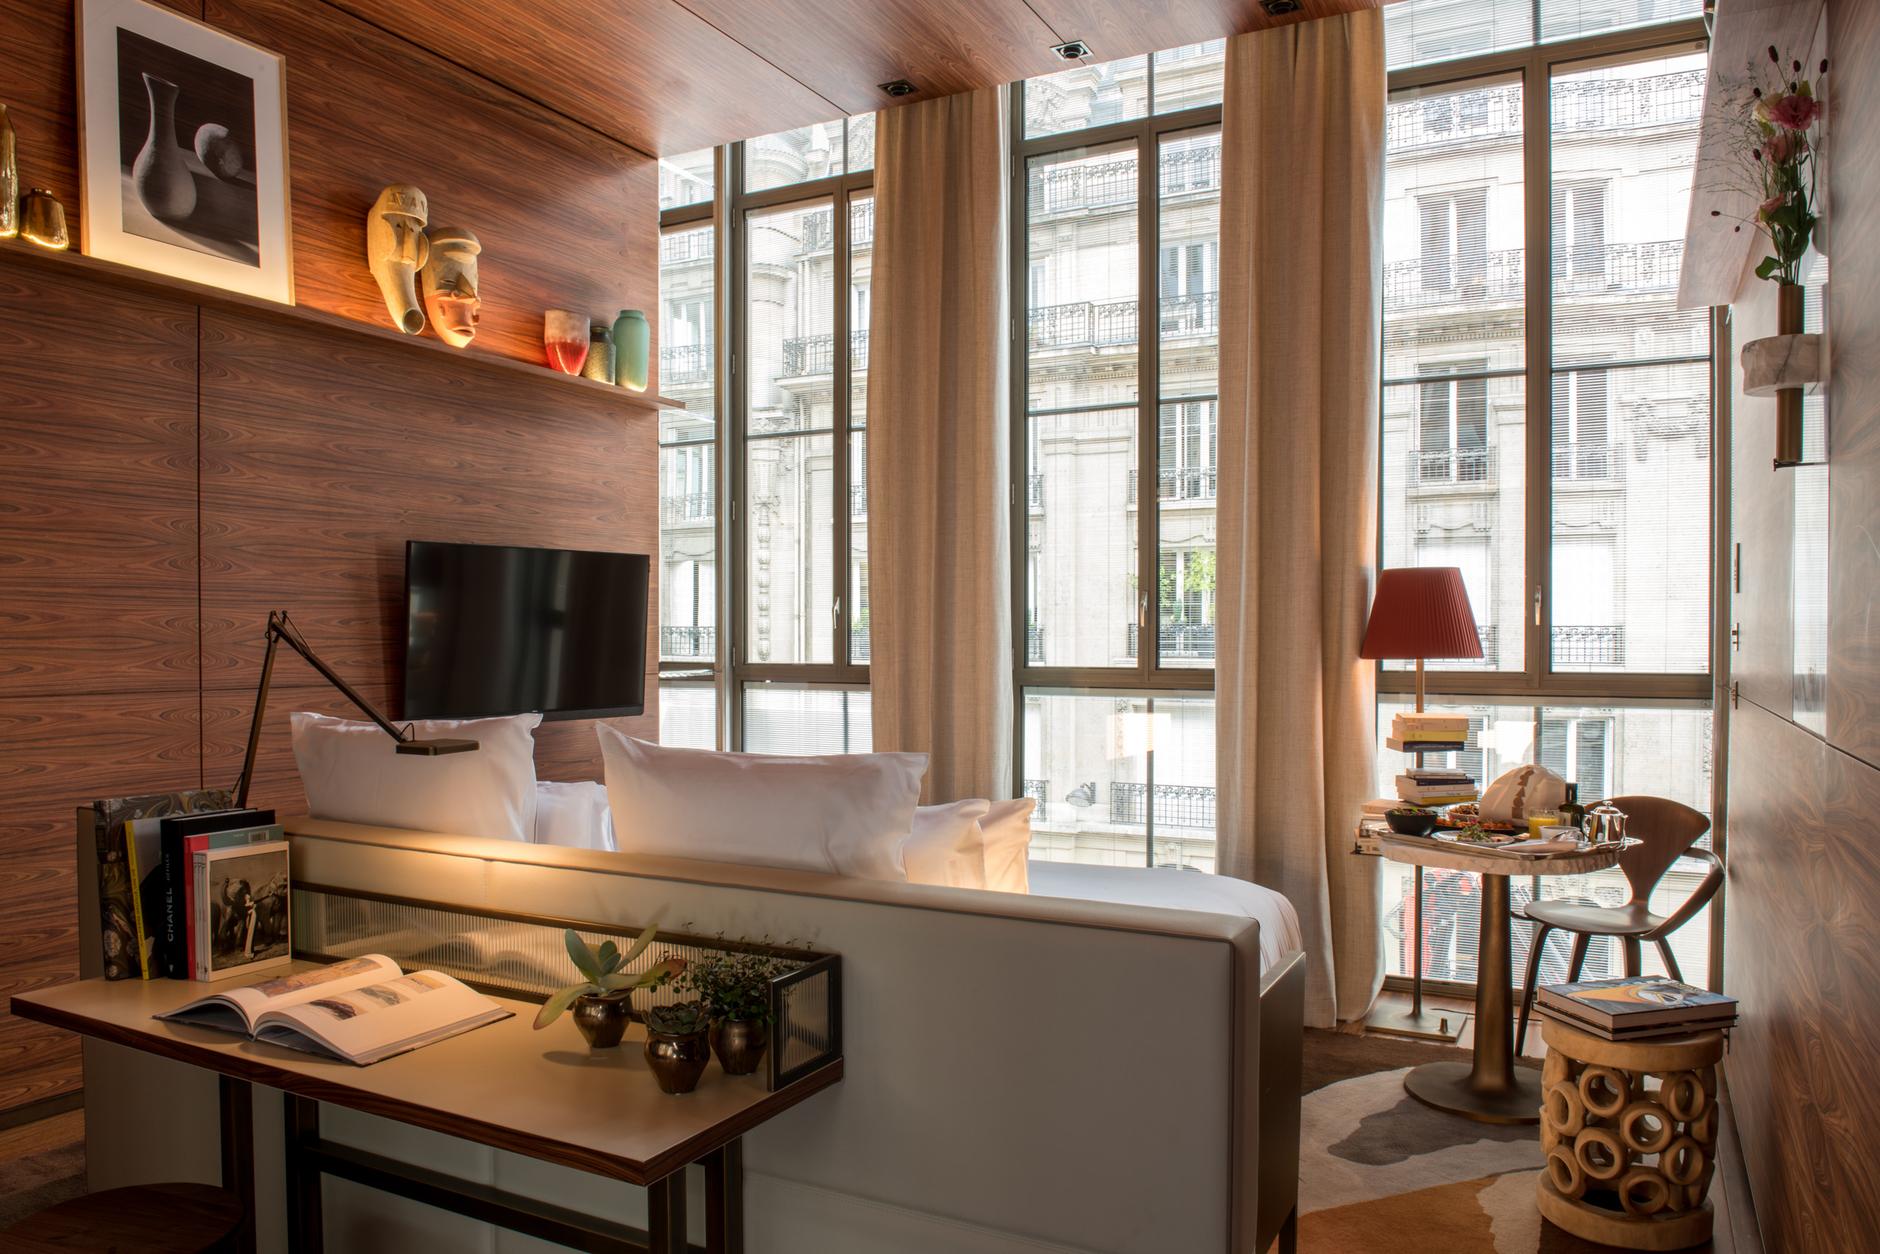 Brach: новый отель Филиппа Старка с видом на Эйфелеву башню (галерея 5, фото 5)